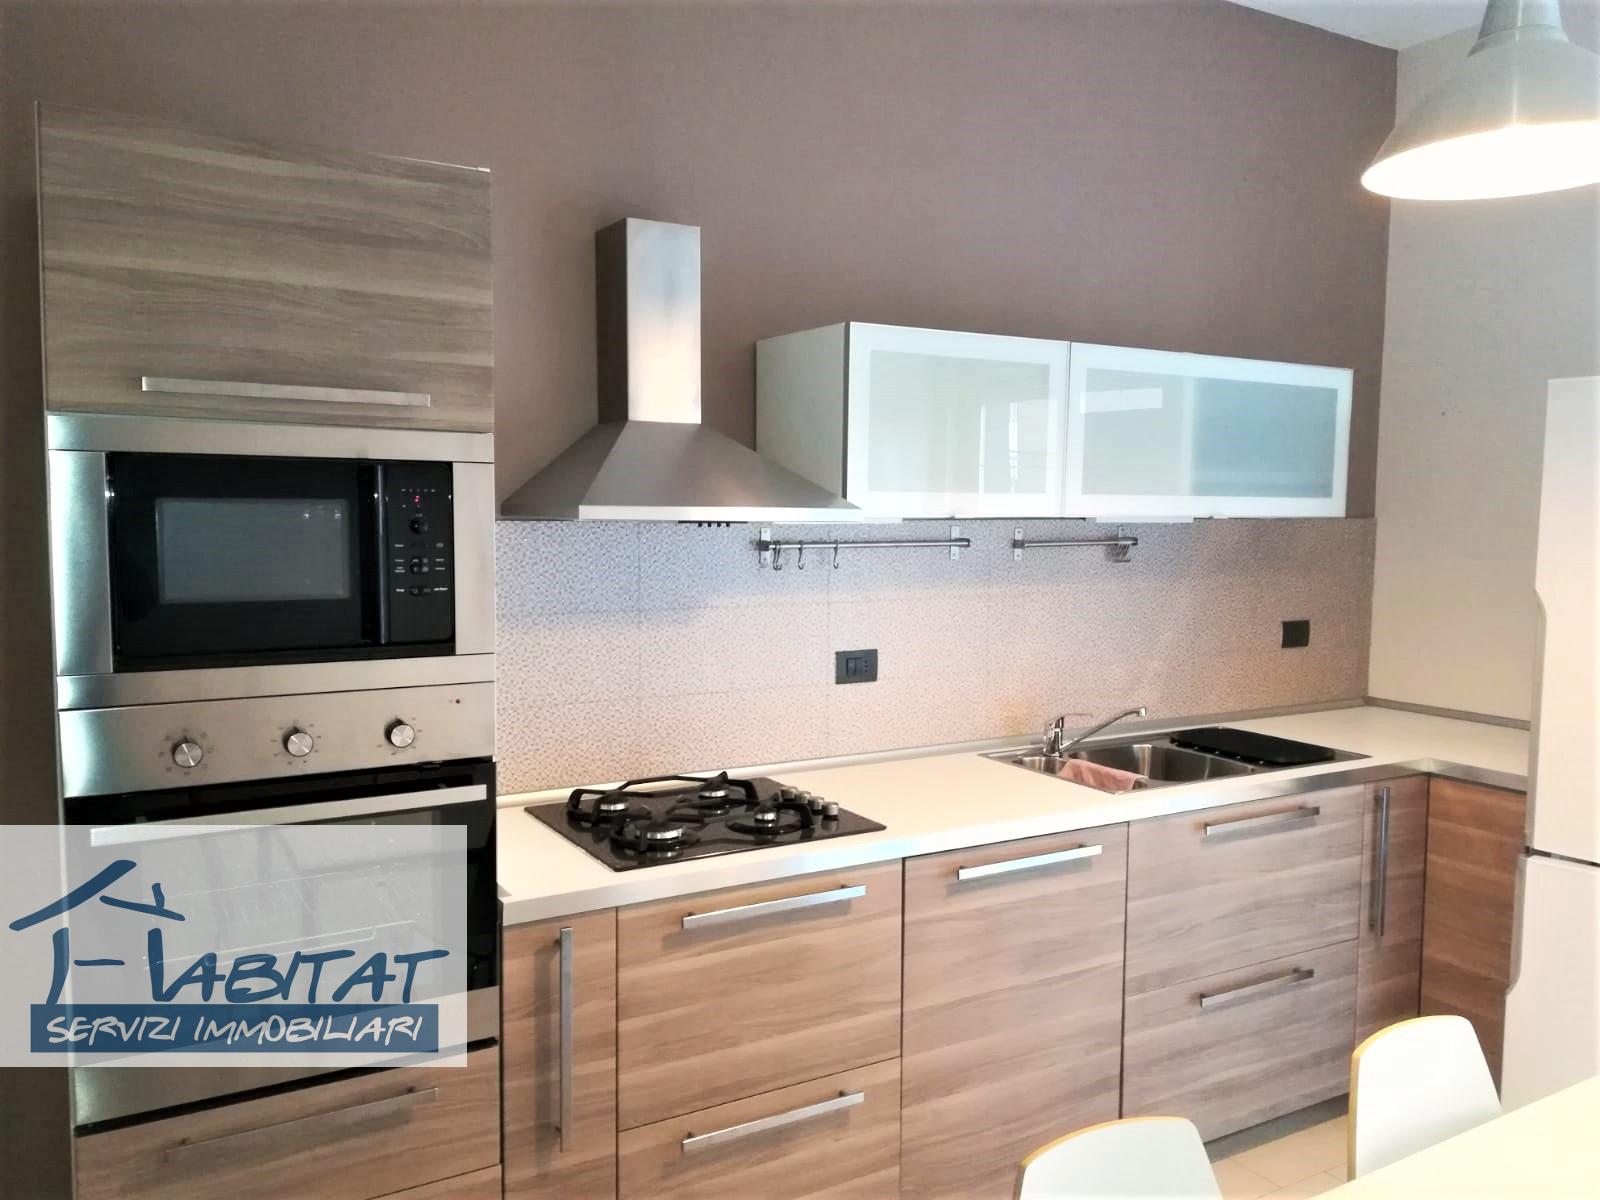 Appartamento in affitto a Agrigento, 3 locali, zona Zona: Sangiusippuzzo, prezzo € 350 | CambioCasa.it